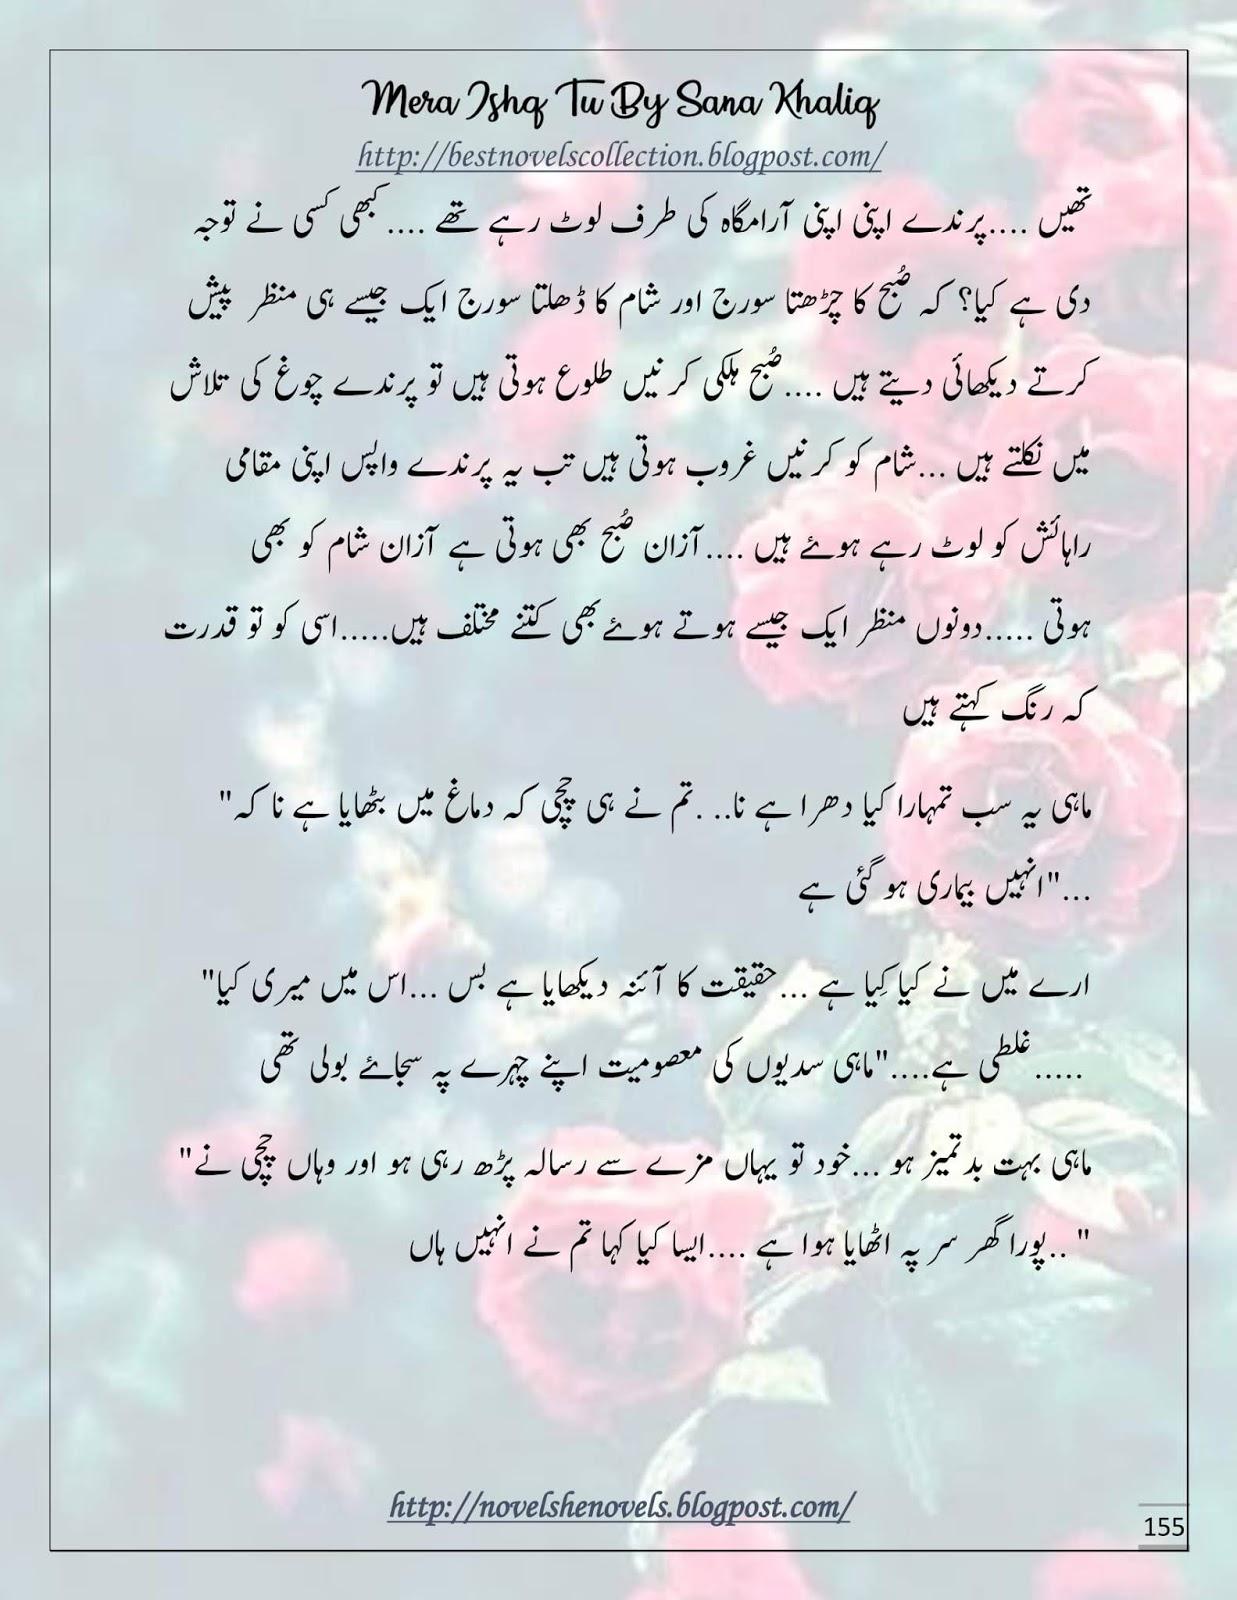 Mera Ishq Tu by Sana Khaliq Complete Forced Marriage Novel